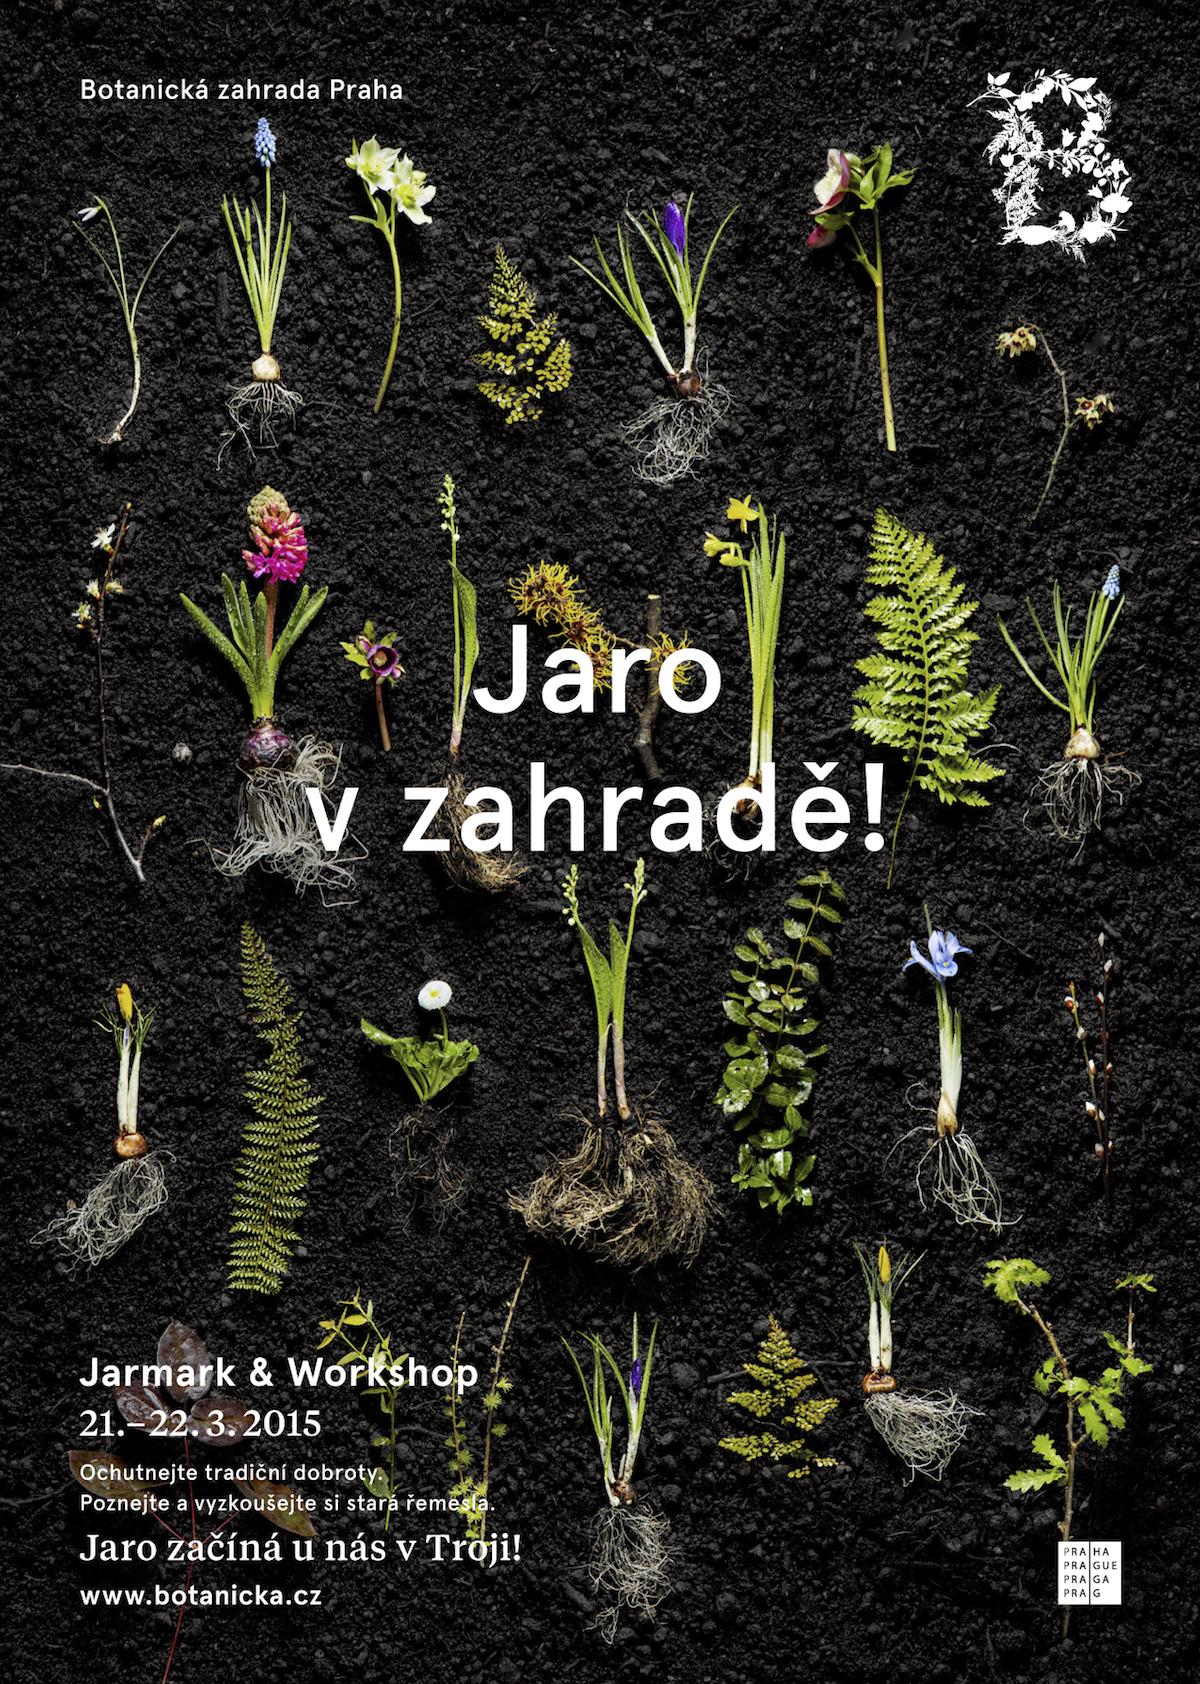 Plakáty s novou značkou Botanické zahrady Praha od Studia Najbrt